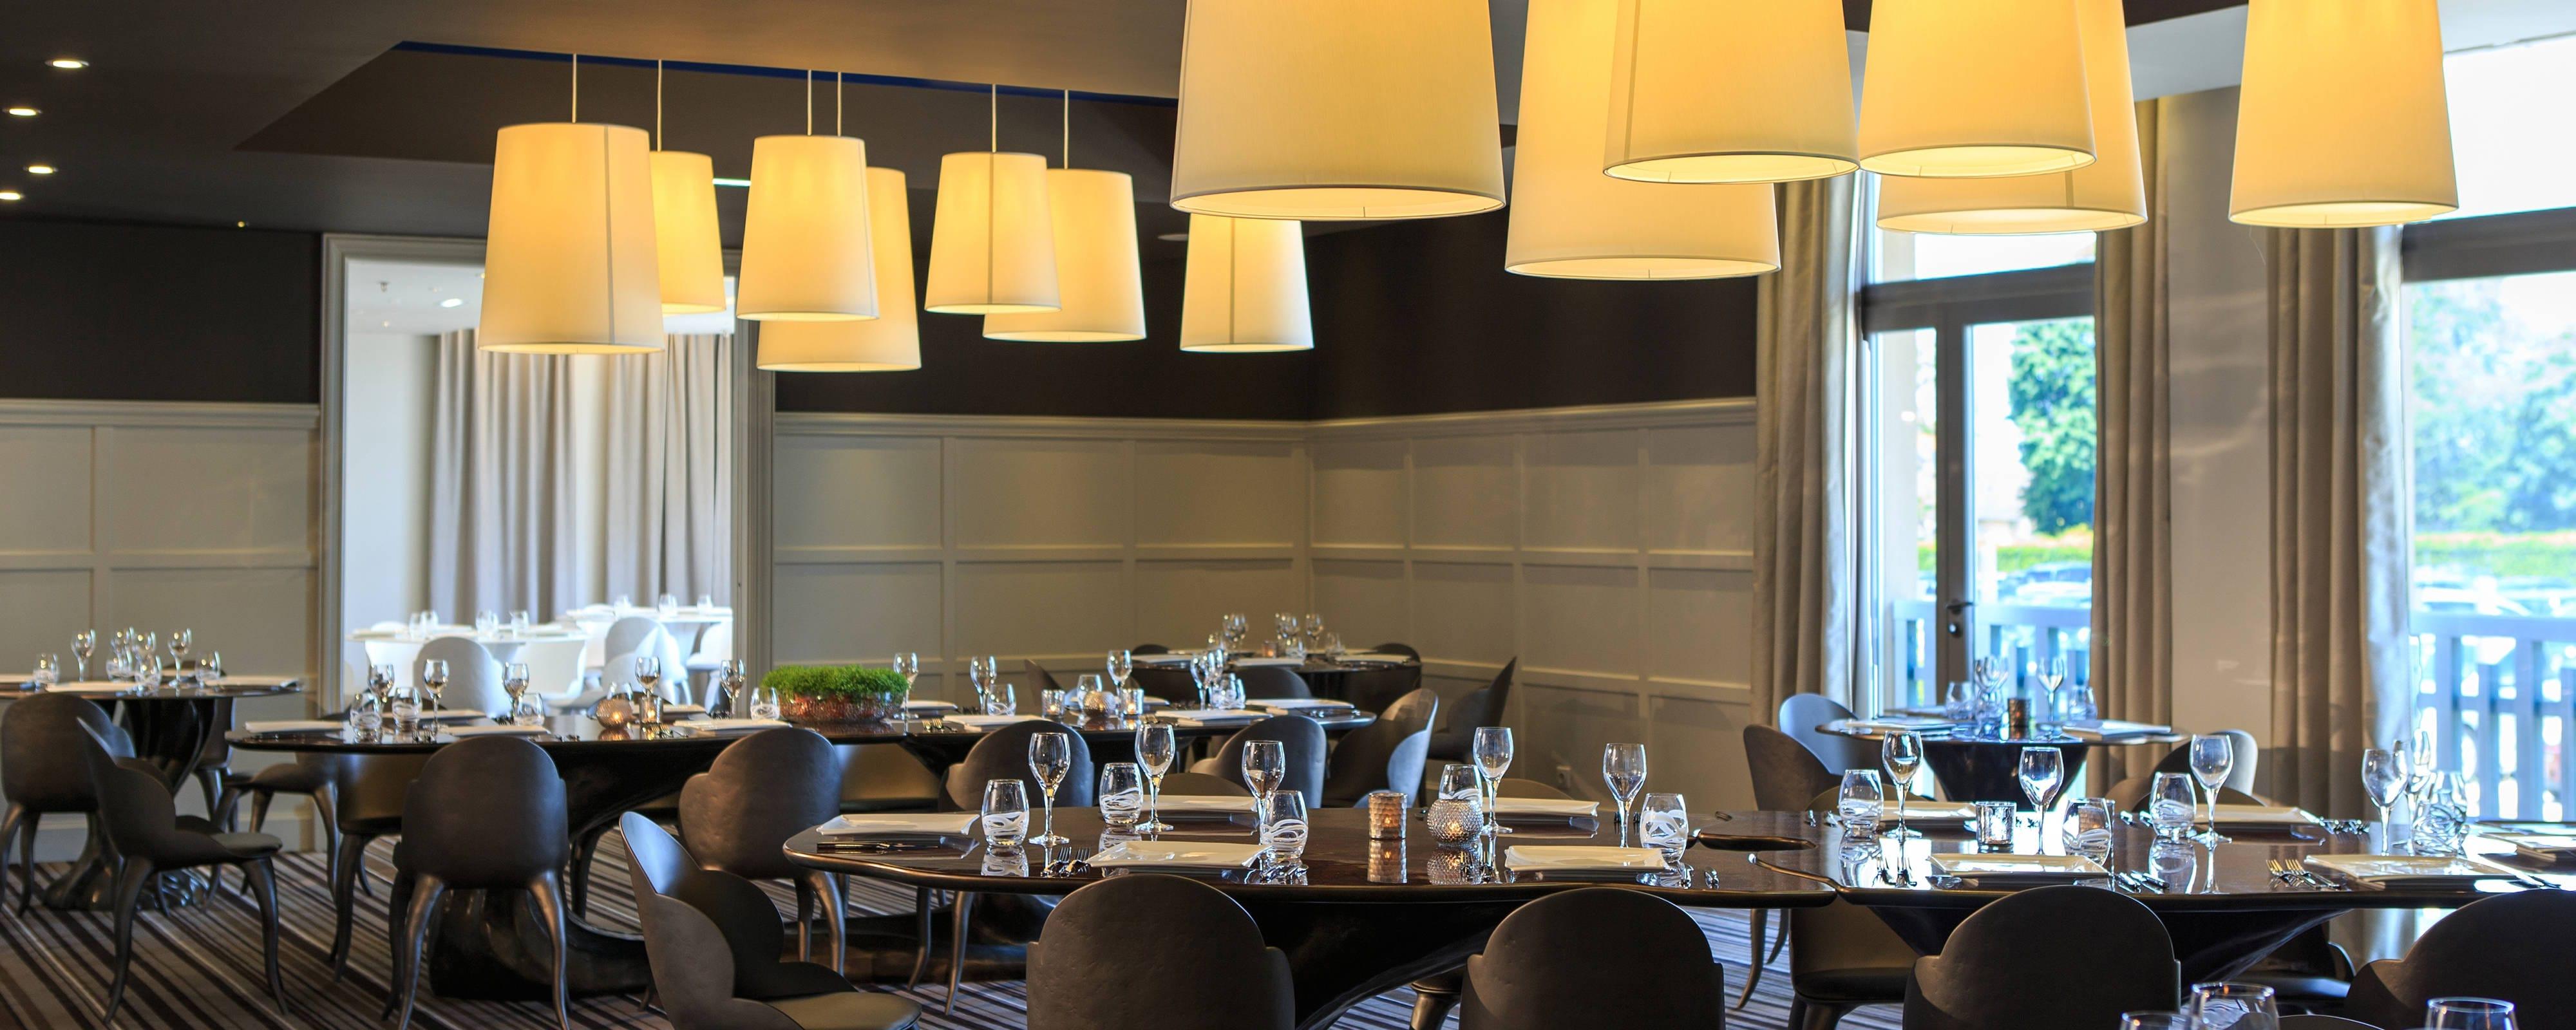 Entreprises Basées À Rueil Malmaison hôtel restaurant à rueil-malmaison | hôtel renaissance paris